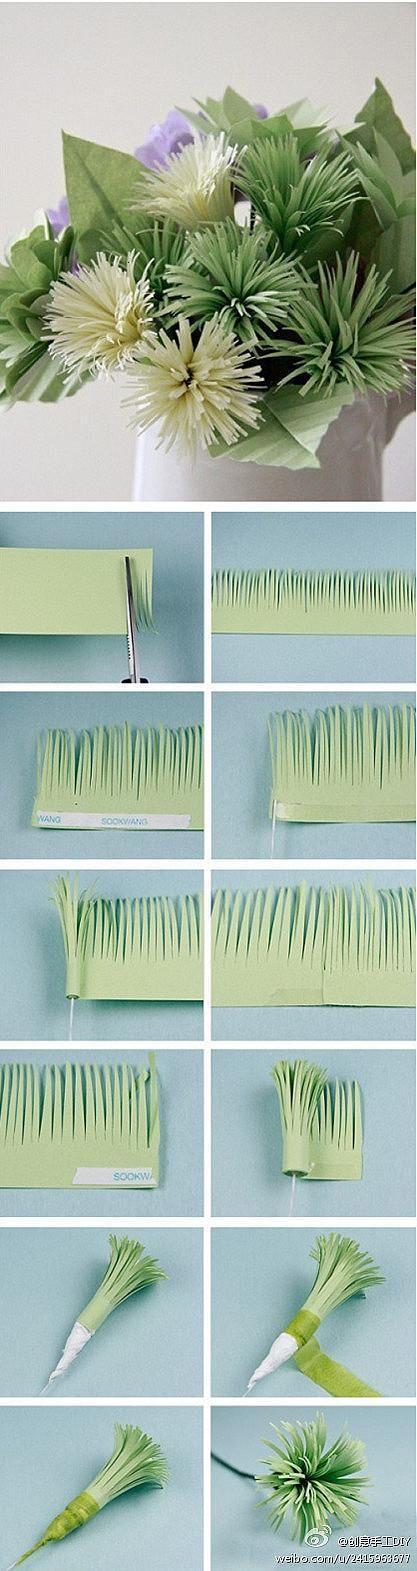 آموزش تصویری ساخت گل کاغذی